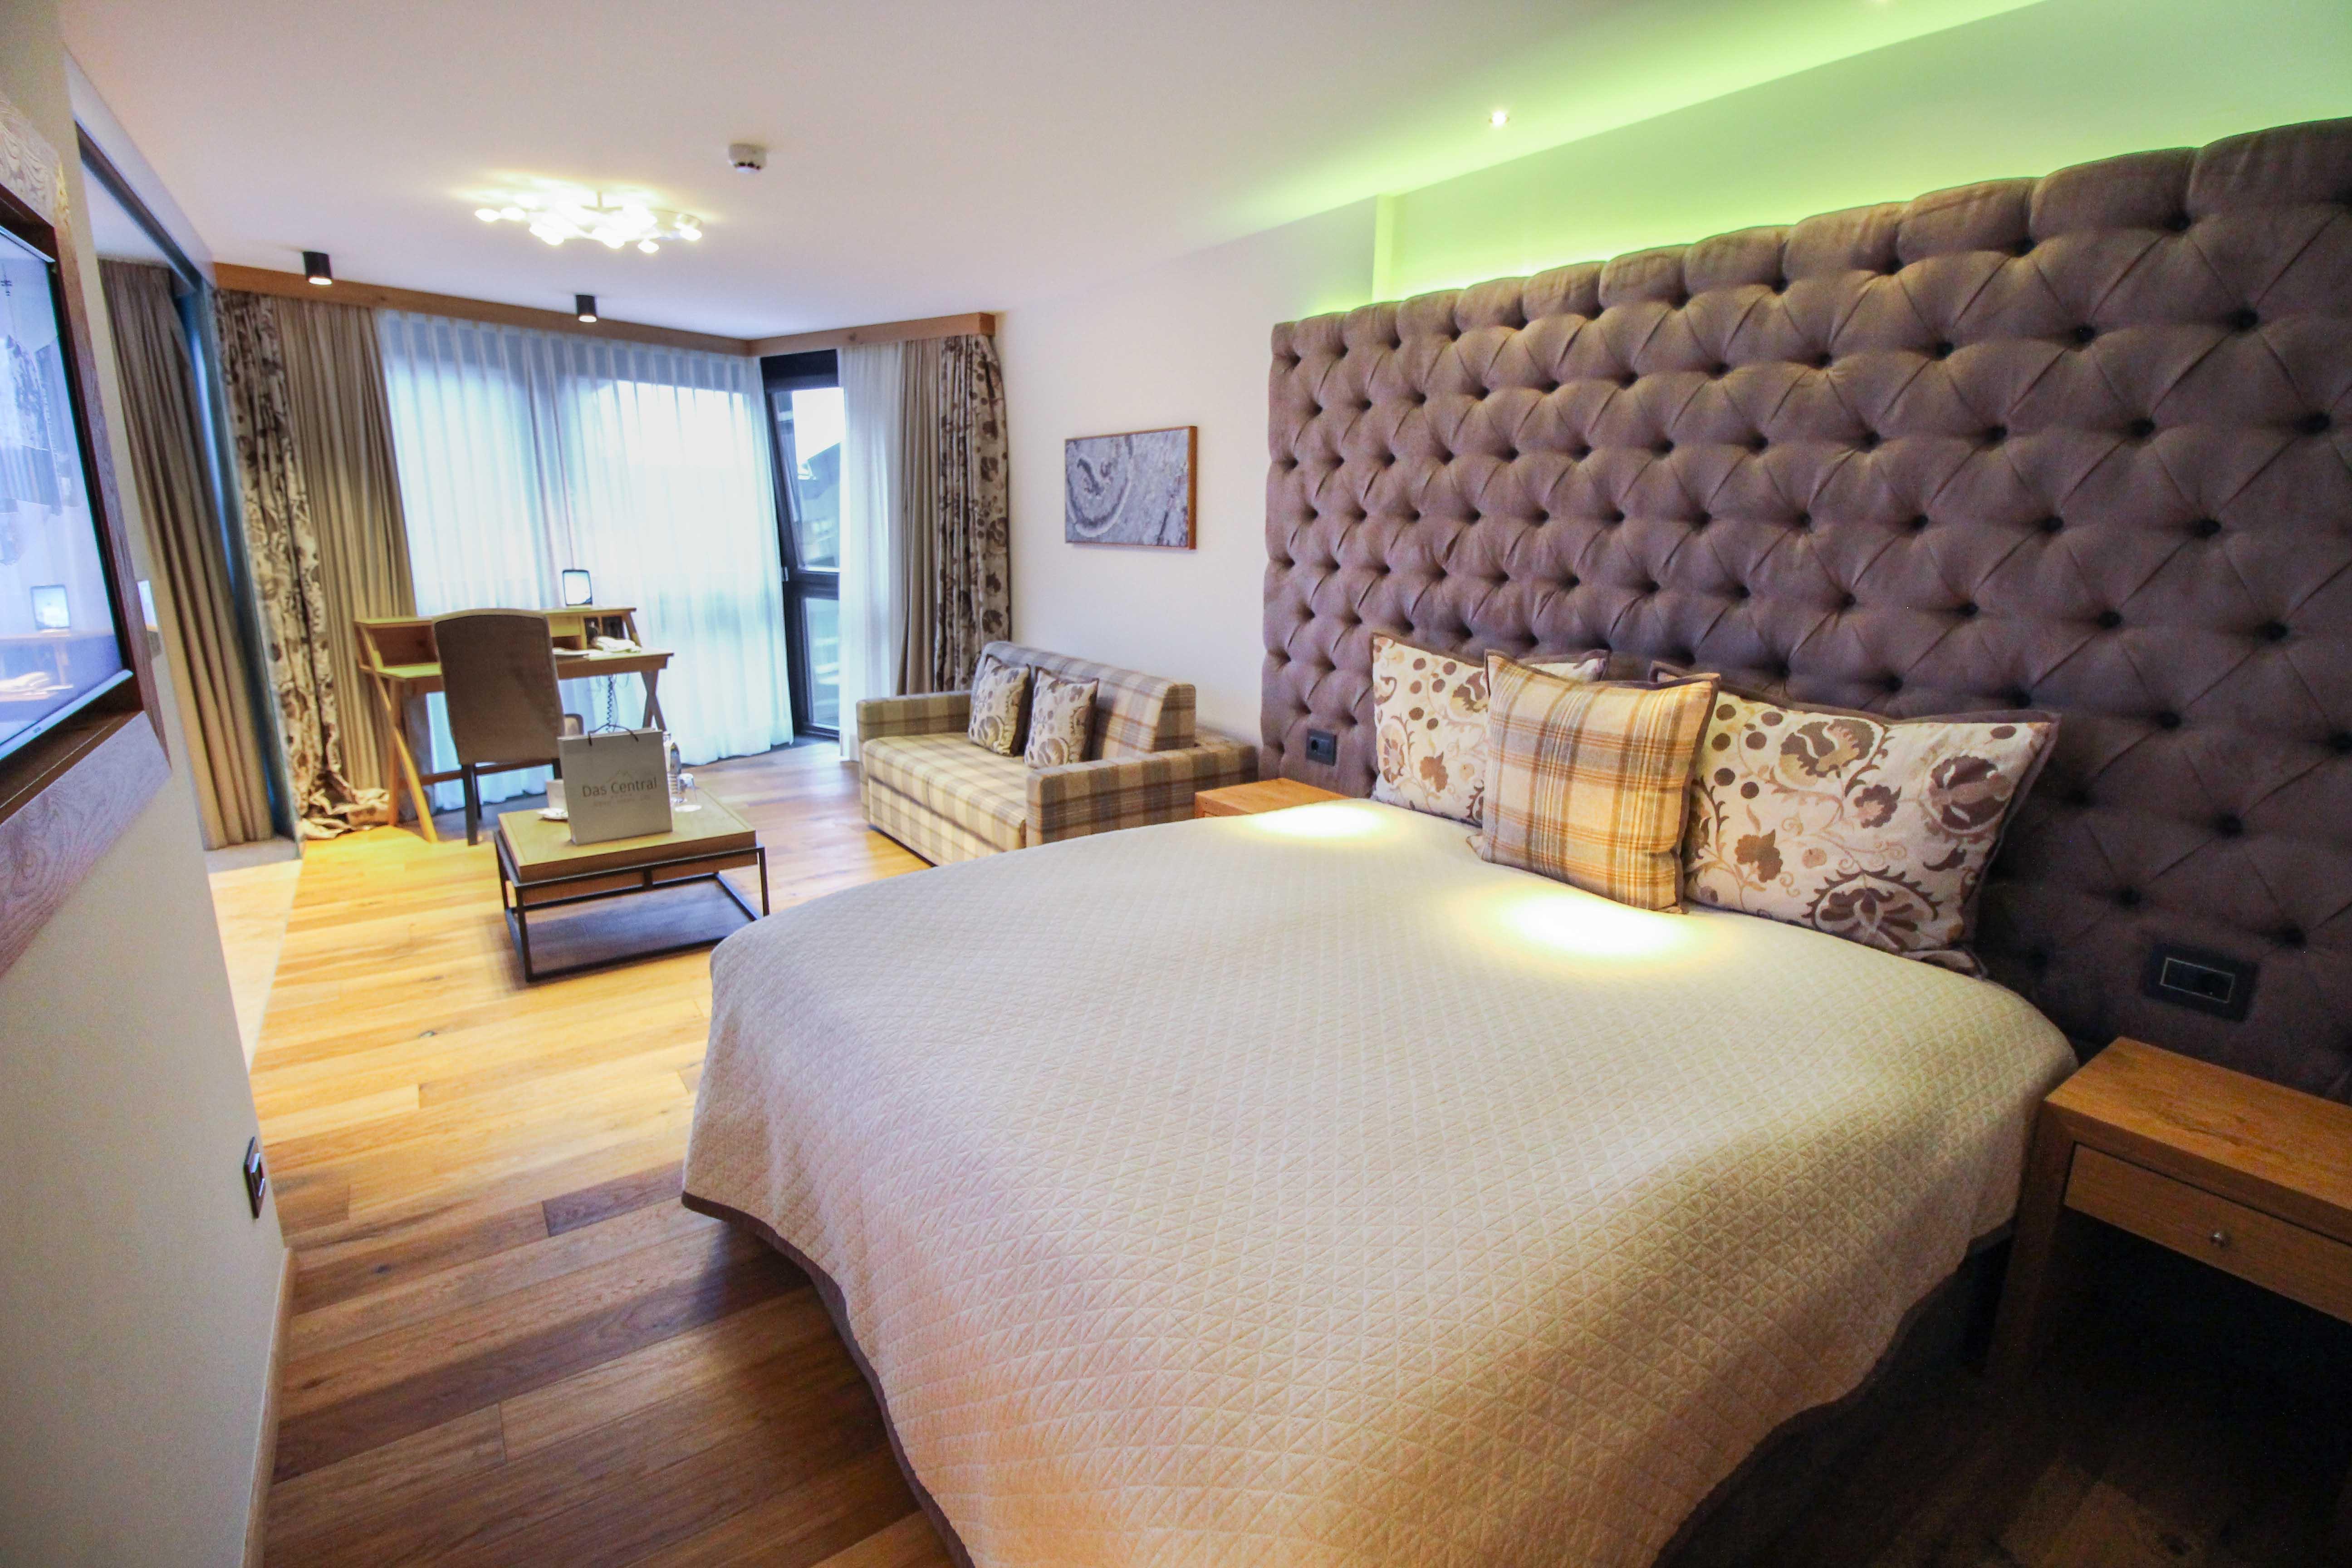 Das Central Sölden 5-Sterne Wellnesshotel Luxushotel Sölden Tirol Österreich Doppelzimmer Doppelbett